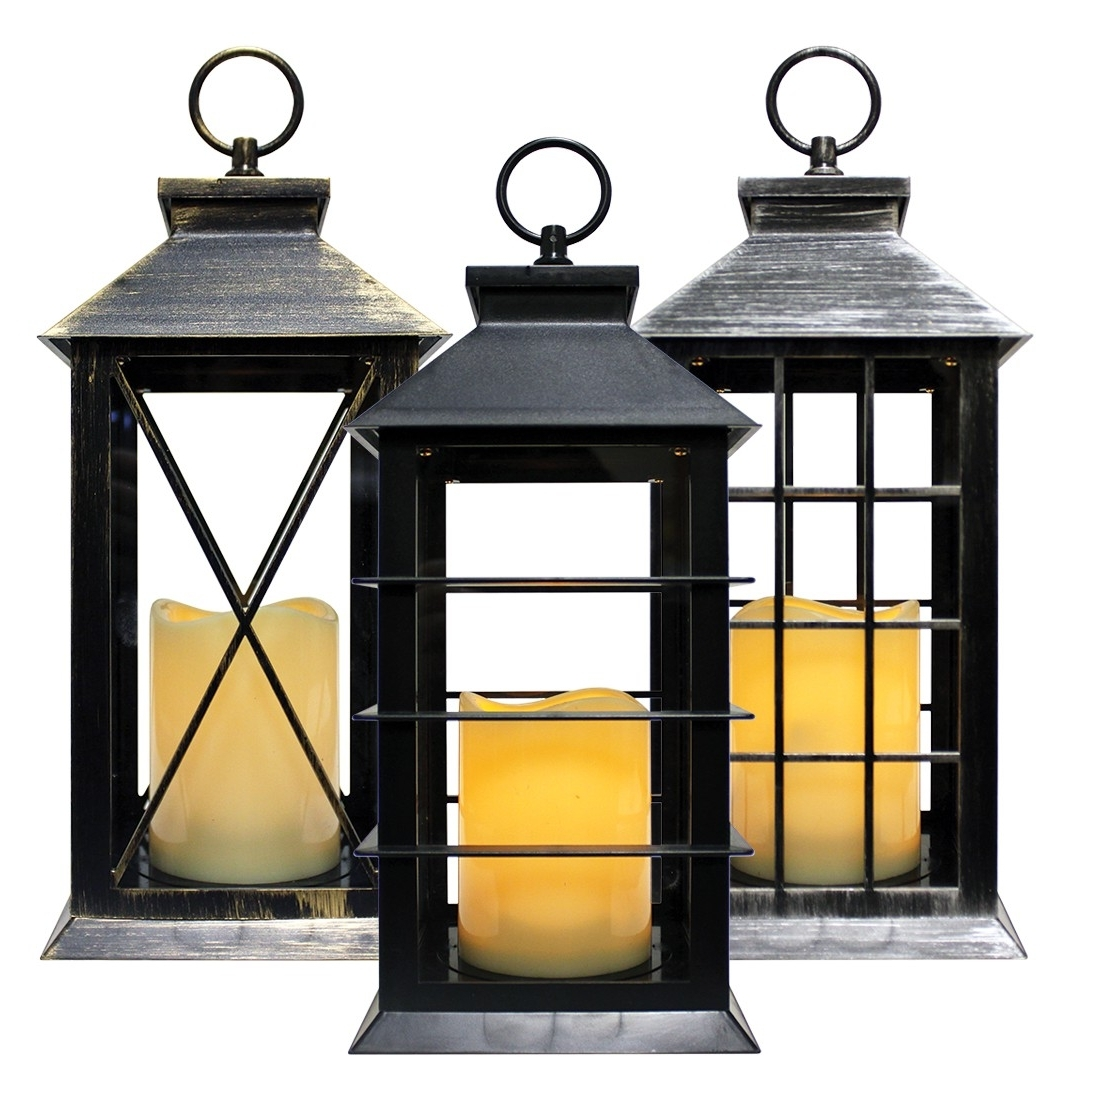 Indoor, Outdoor Lanterns With Regard To Current Indoor Outdoor Lanterns (Gallery 1 of 20)